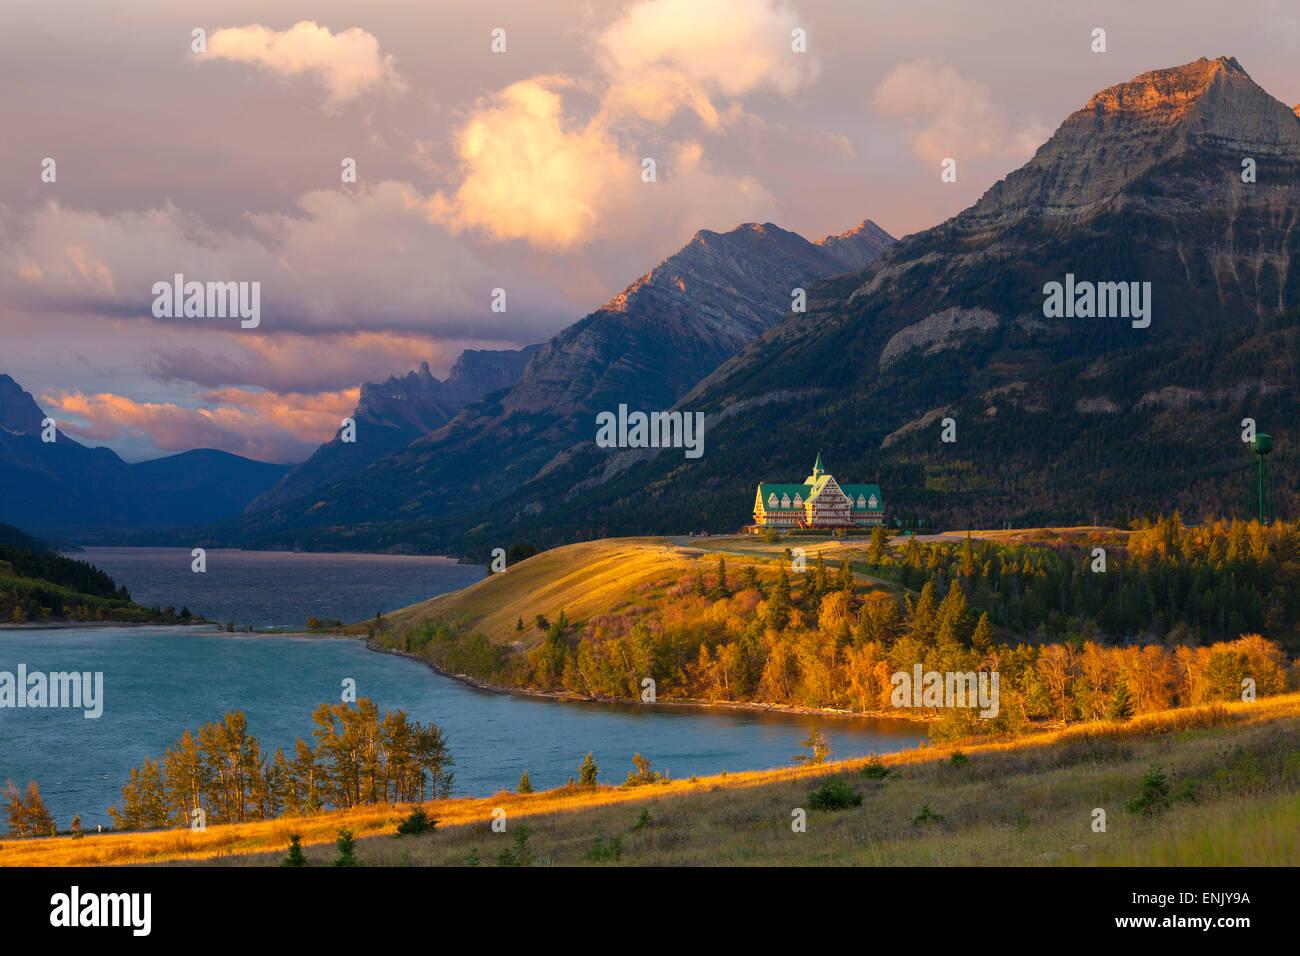 Das Prince Of Wales Hotel bei Sonnenaufgang, Waterton Lakes National Park, Alberta, Kanada, Nordamerika Stockfoto